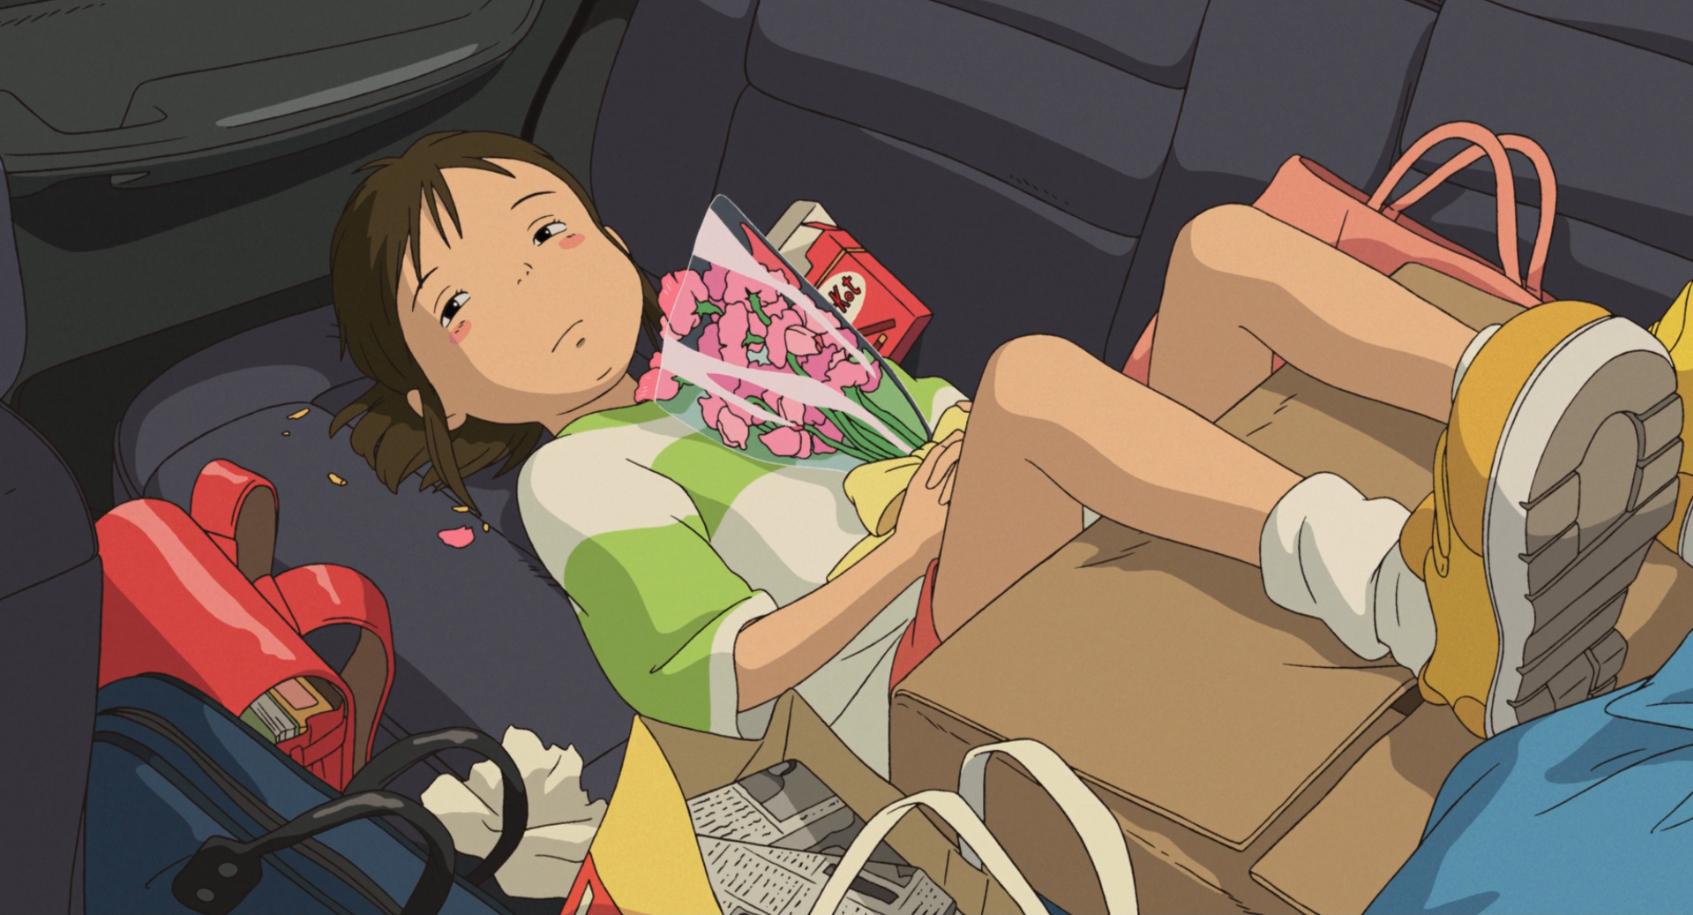 """Imagem do filme de animação """"A Viagem de Chihiro"""". A cena se passa de dia. Ocupando quase toda a imagem, está Chihiro, uma garota asiática, de pele branca, bochechas rosadas e cabelos castanhos presos em um rabo de cavalo. Ela veste uma camisa branca e verde, um short vermelho e tênis amarelos. Ela está deitada no banco de trás de um carro, que está abarrotado de malas e sacolas, com os pés apoiados em uma grande caixa de papelão. A menina olha para o lado, triste e melancólica, enquanto segura com as duas mãos um buquê de flores rosadas, pressionando-as contra seu peito."""